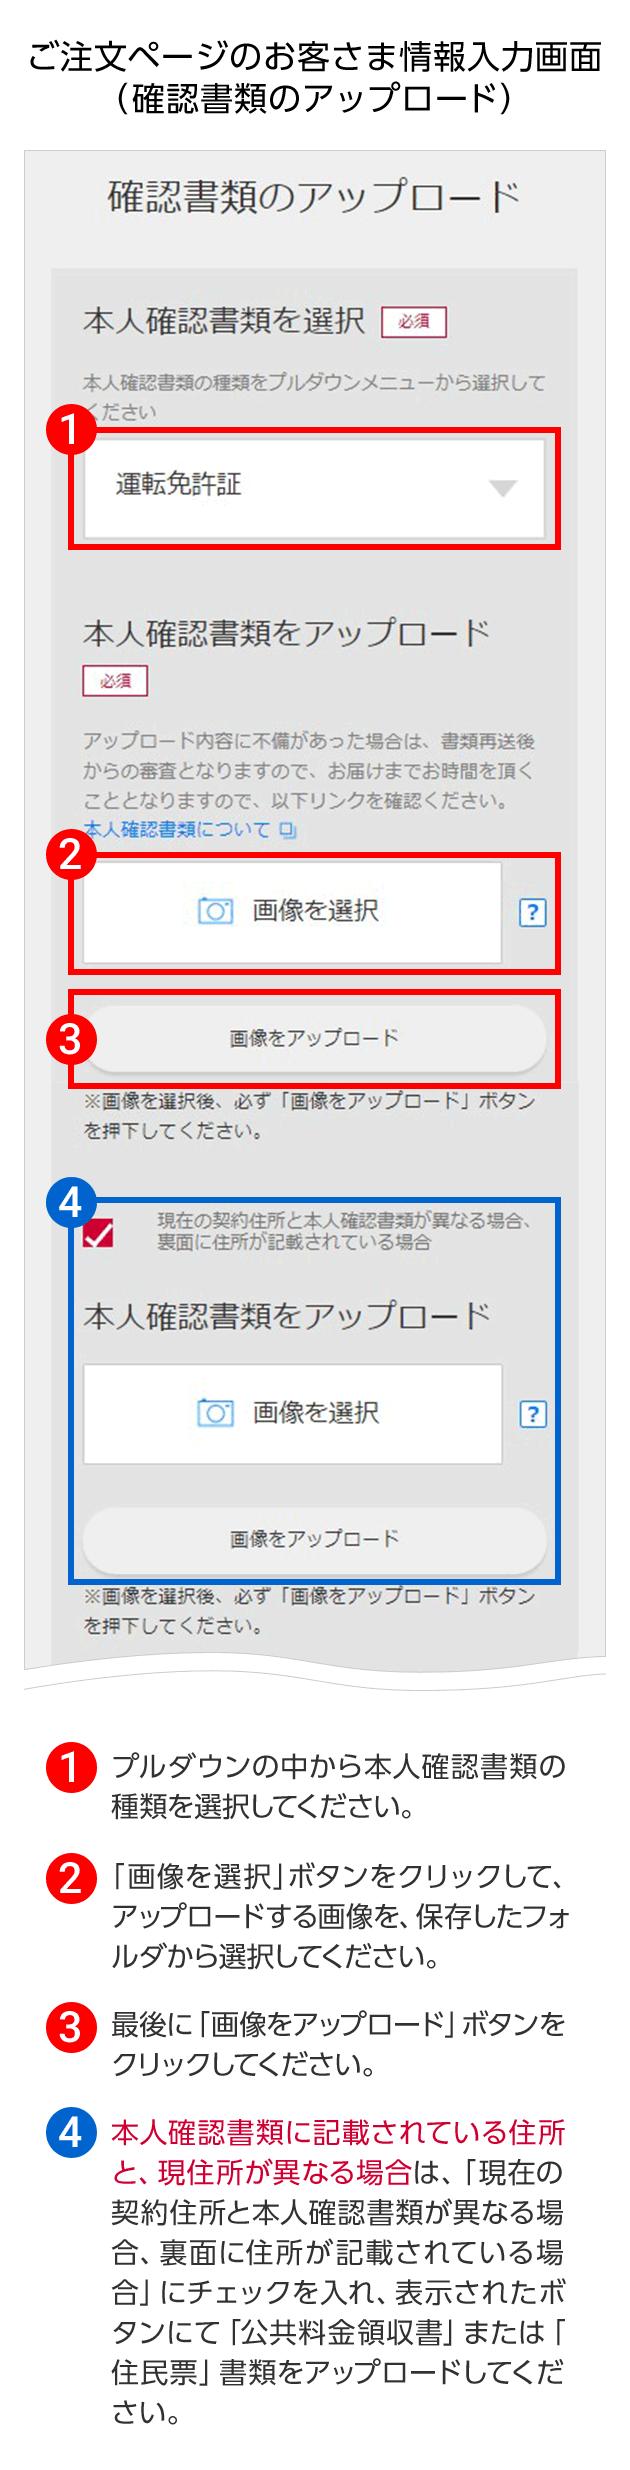 お客様情報と配送先の入力画面(「ご本人様確認書類の送付」箇所)